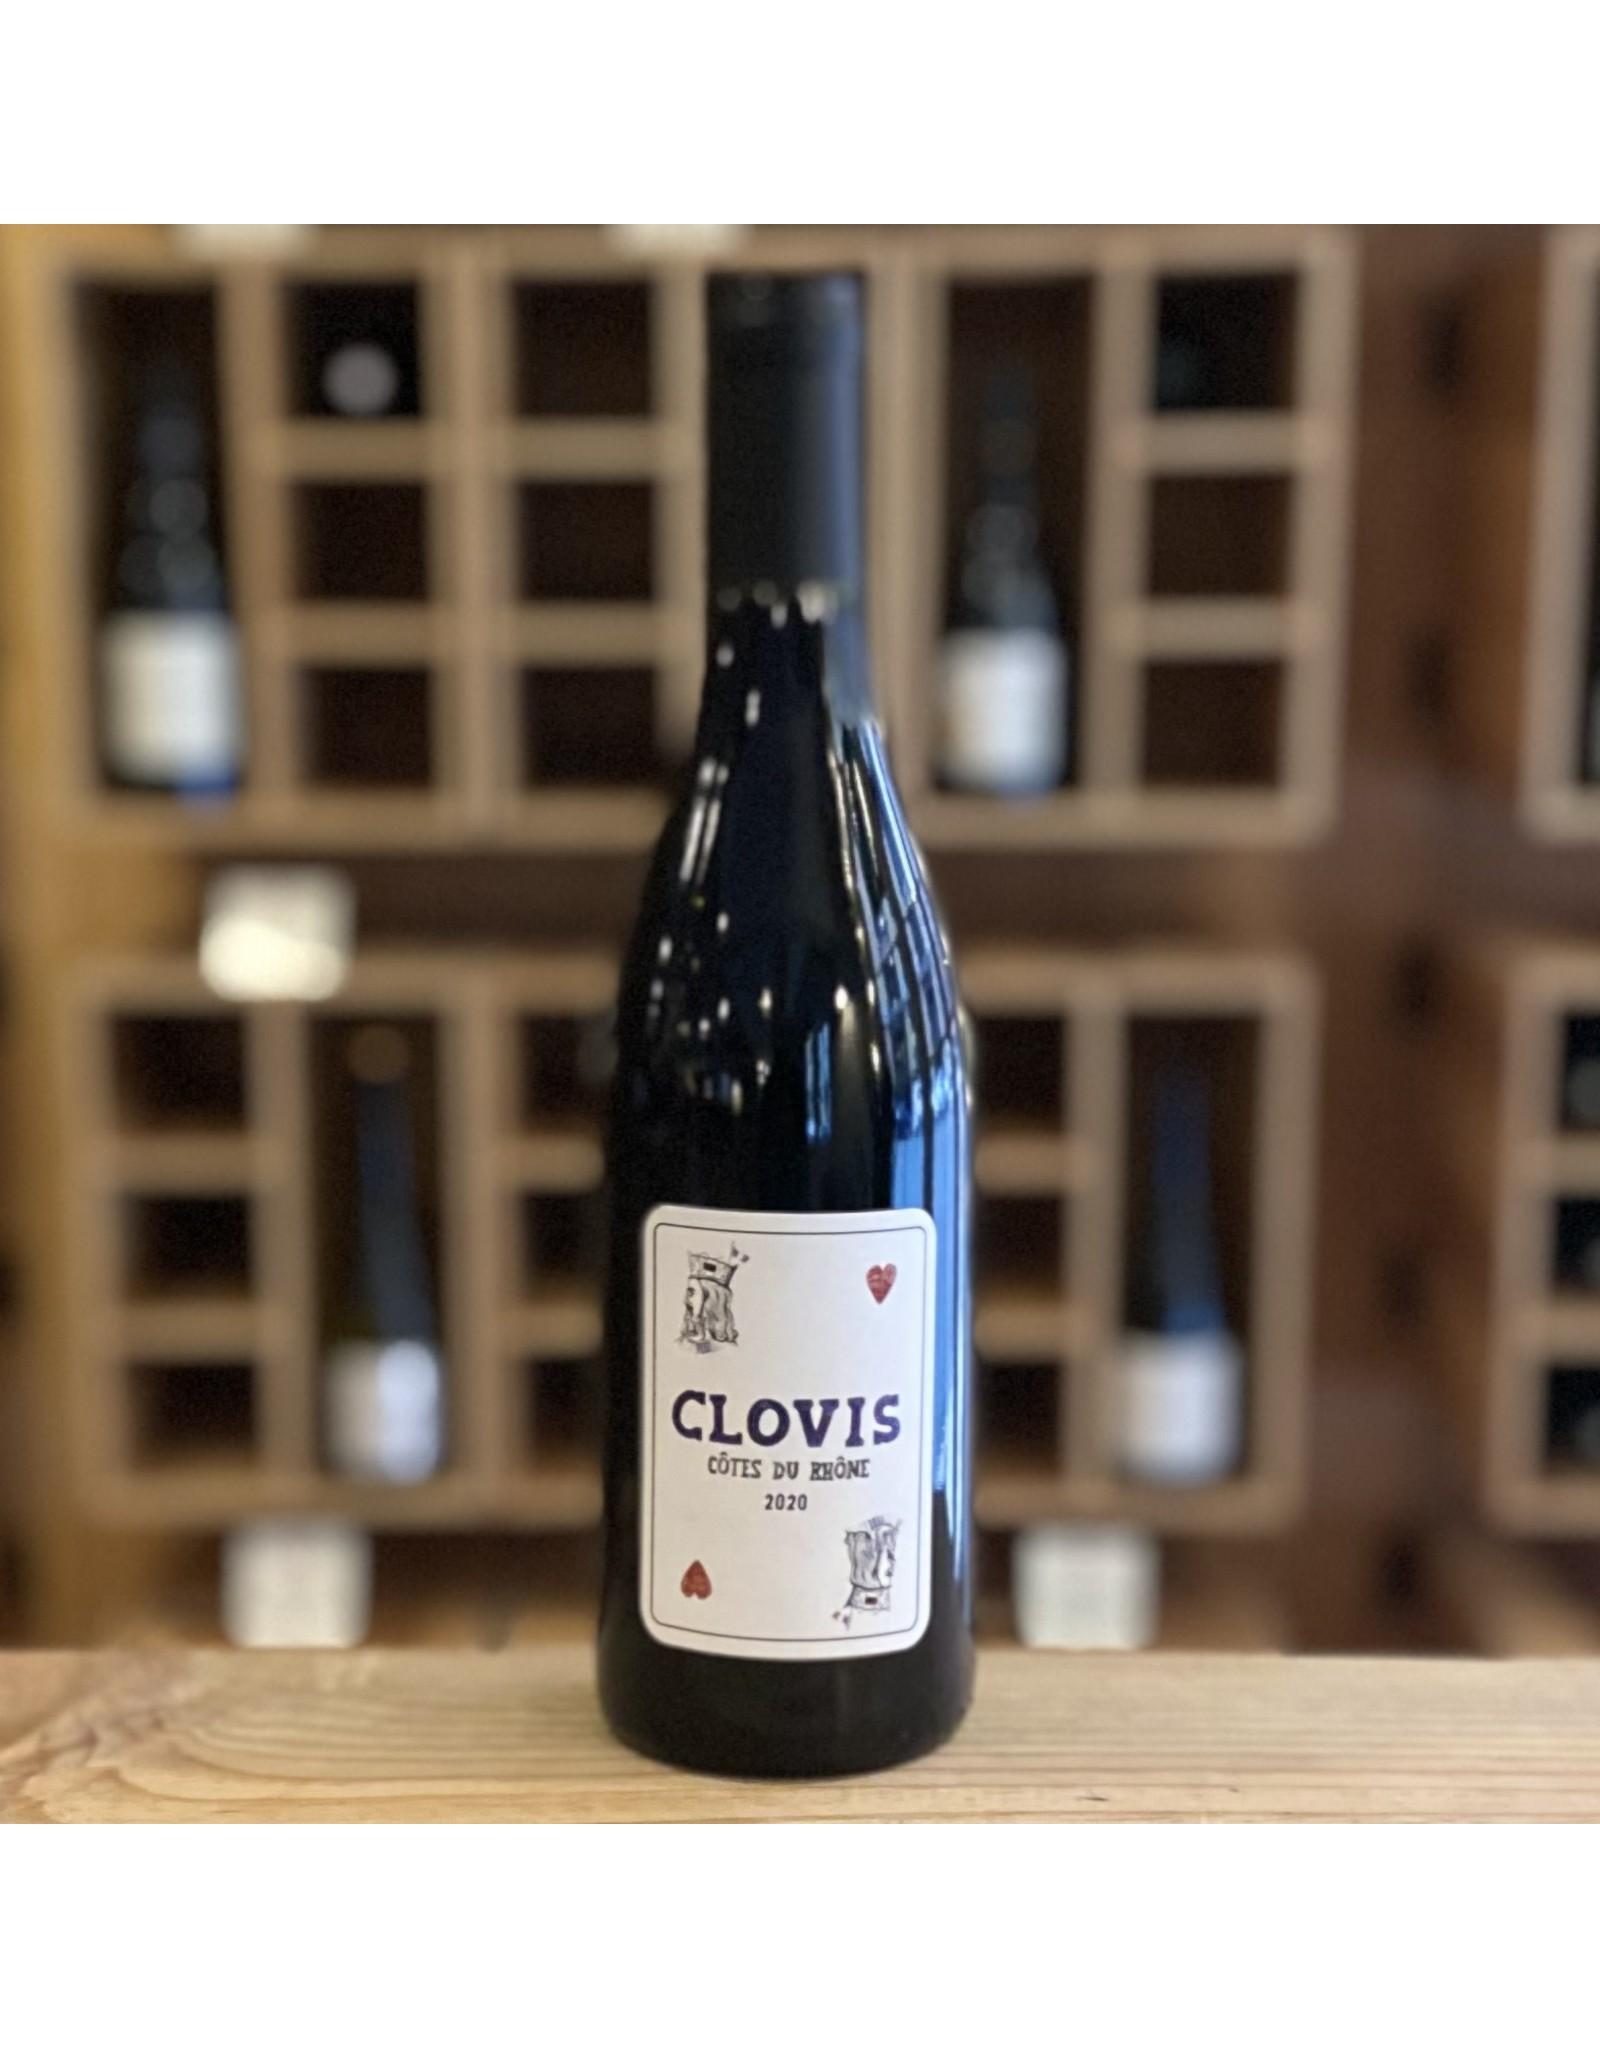 Organic Clovis Rouge 2020 - Cotes du Rhone, France